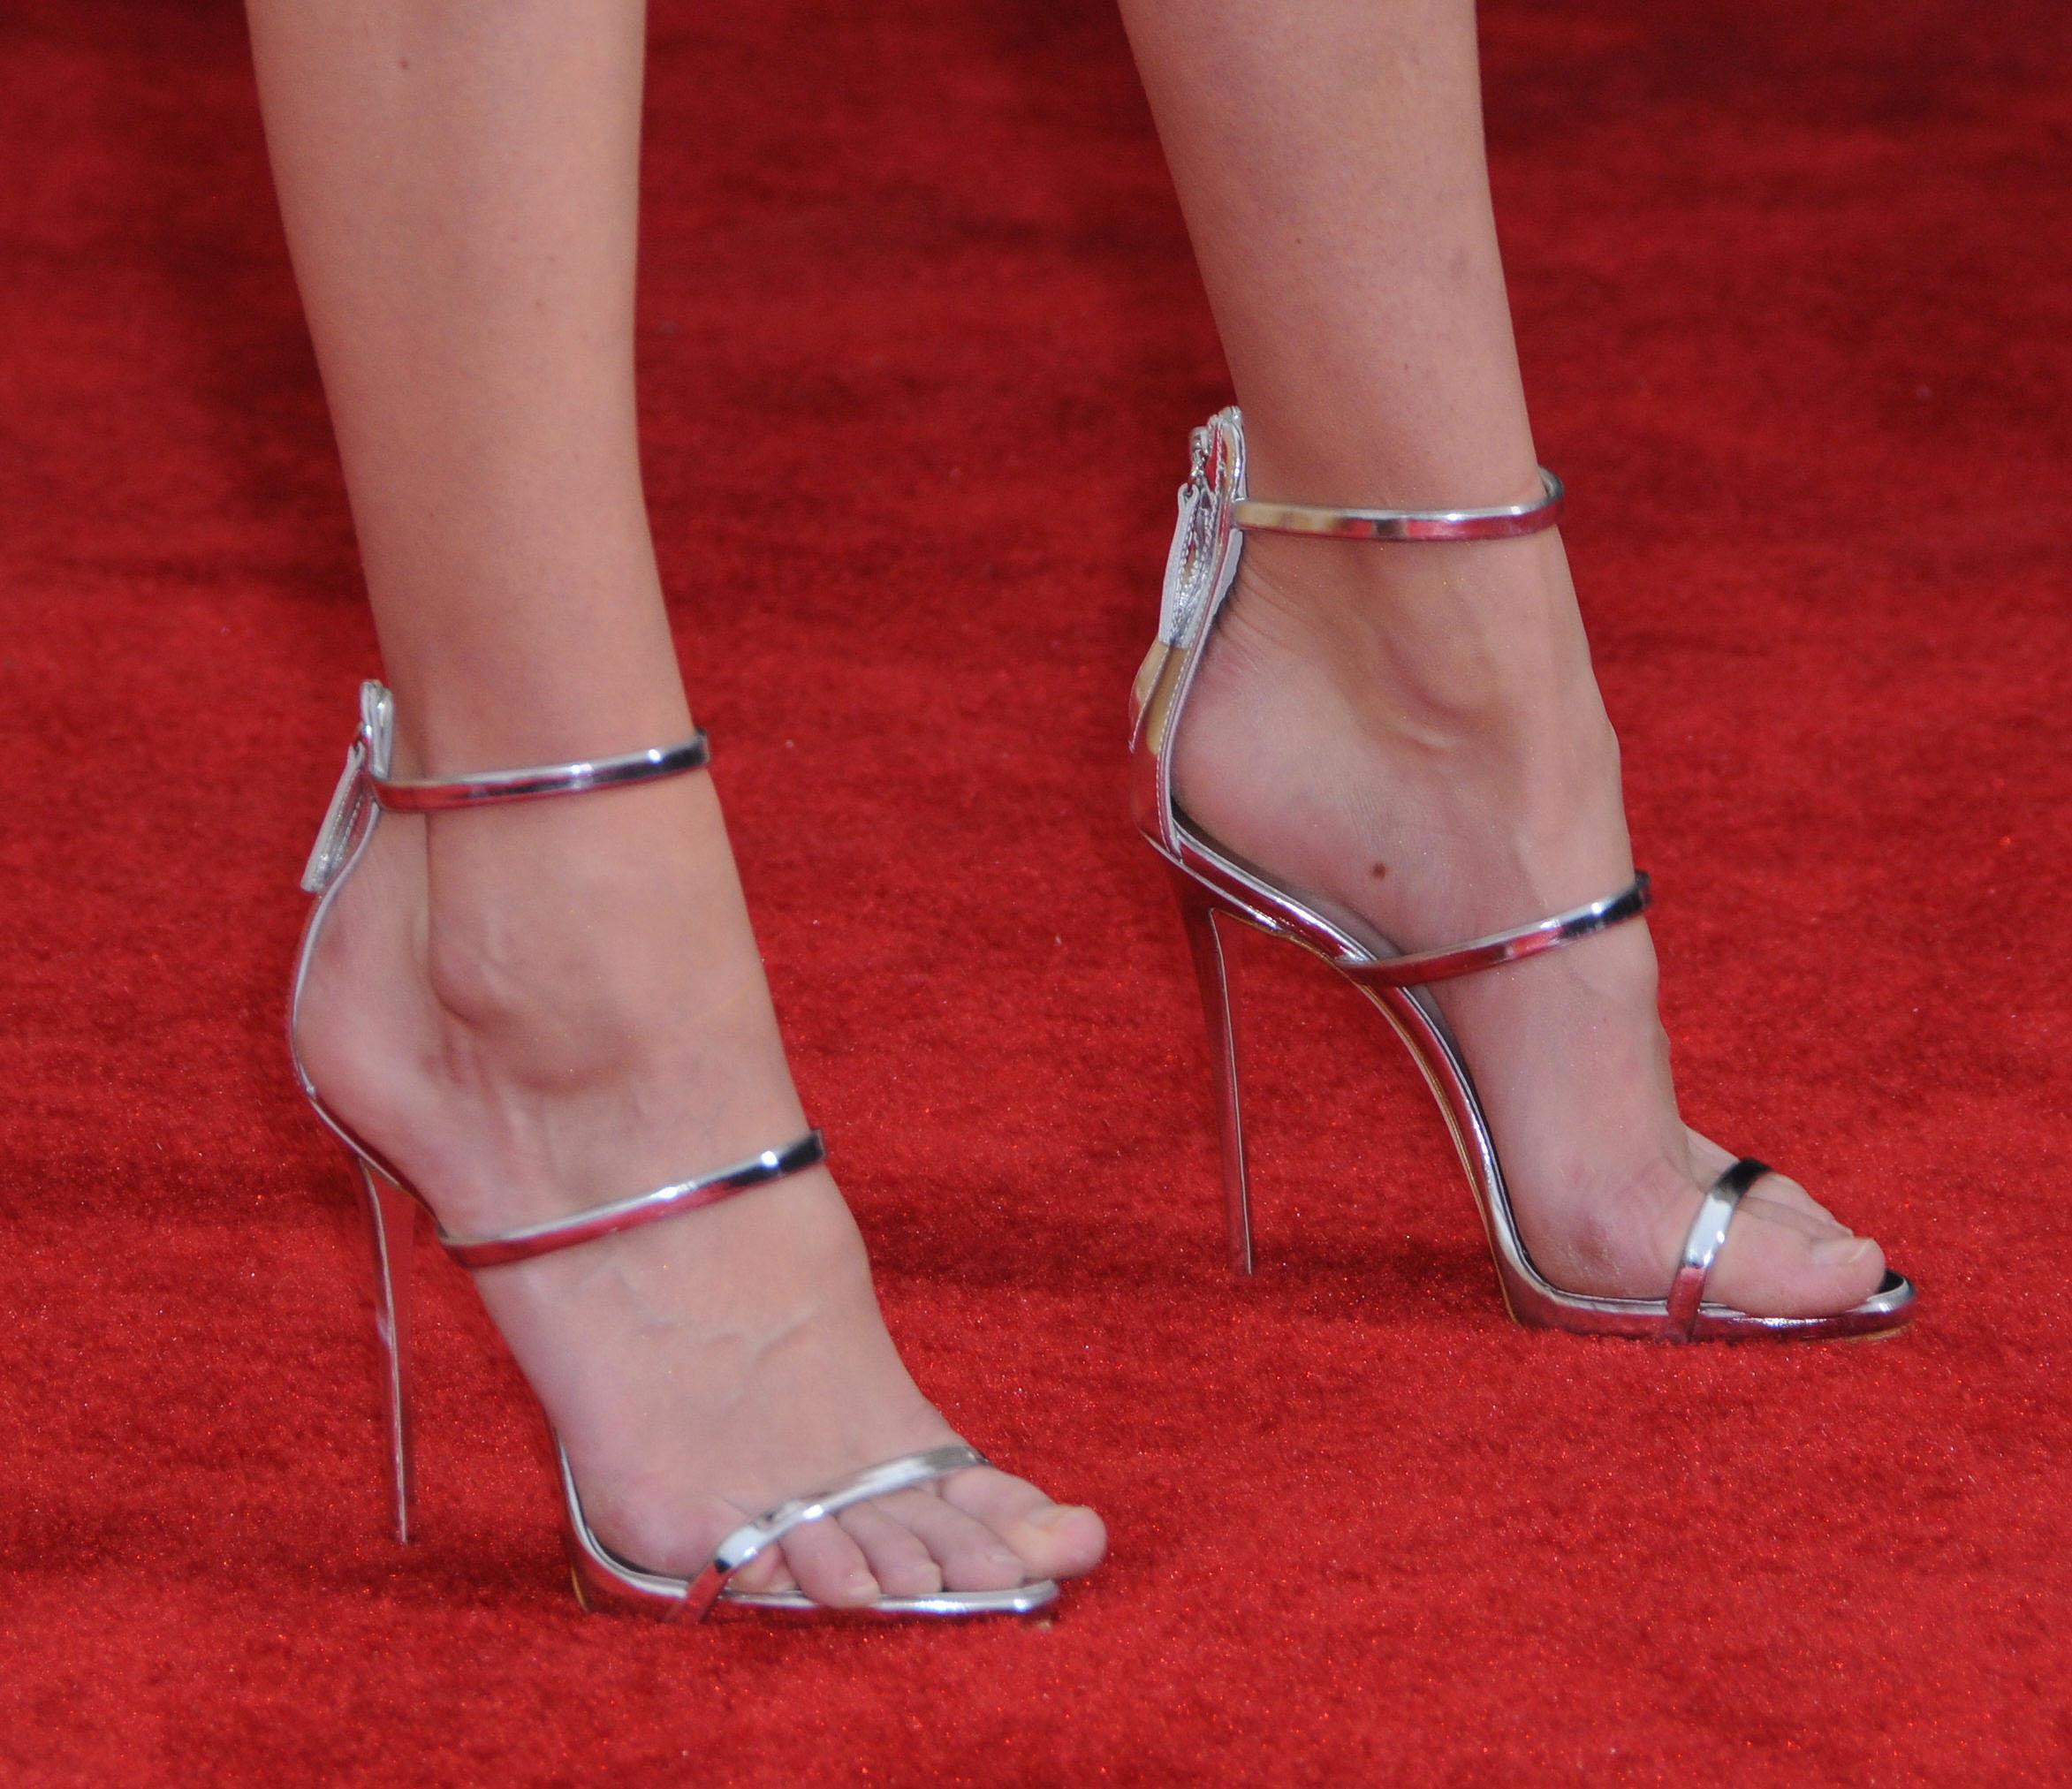 Sexey Feet 4